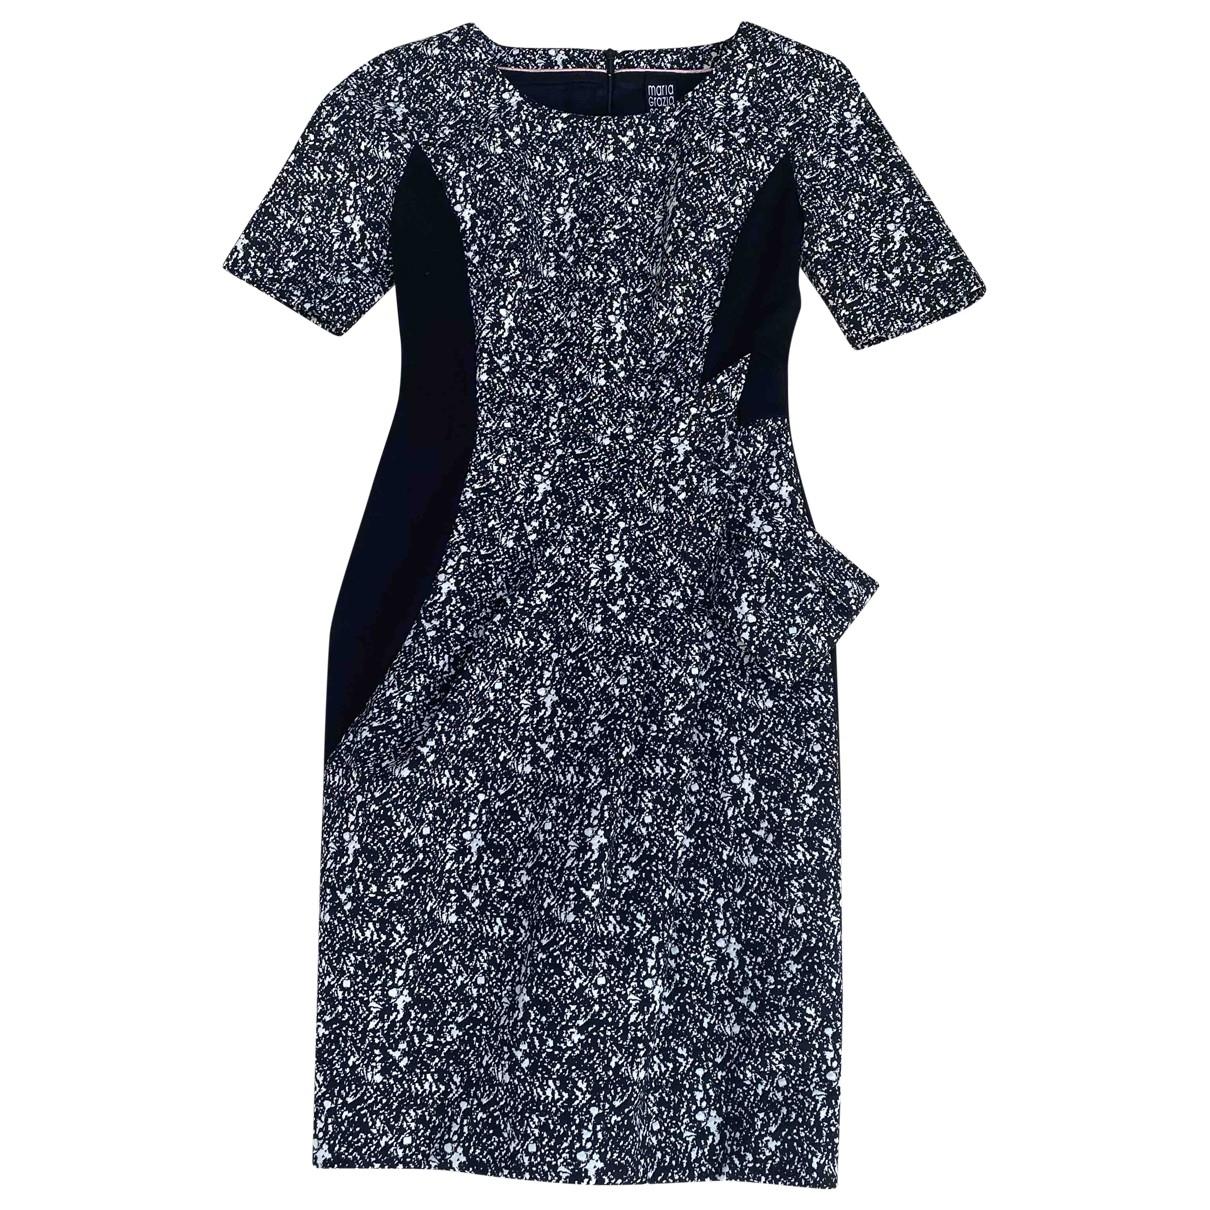 Maria Grazia Severi \N Kleid in  Schwarz Polyester